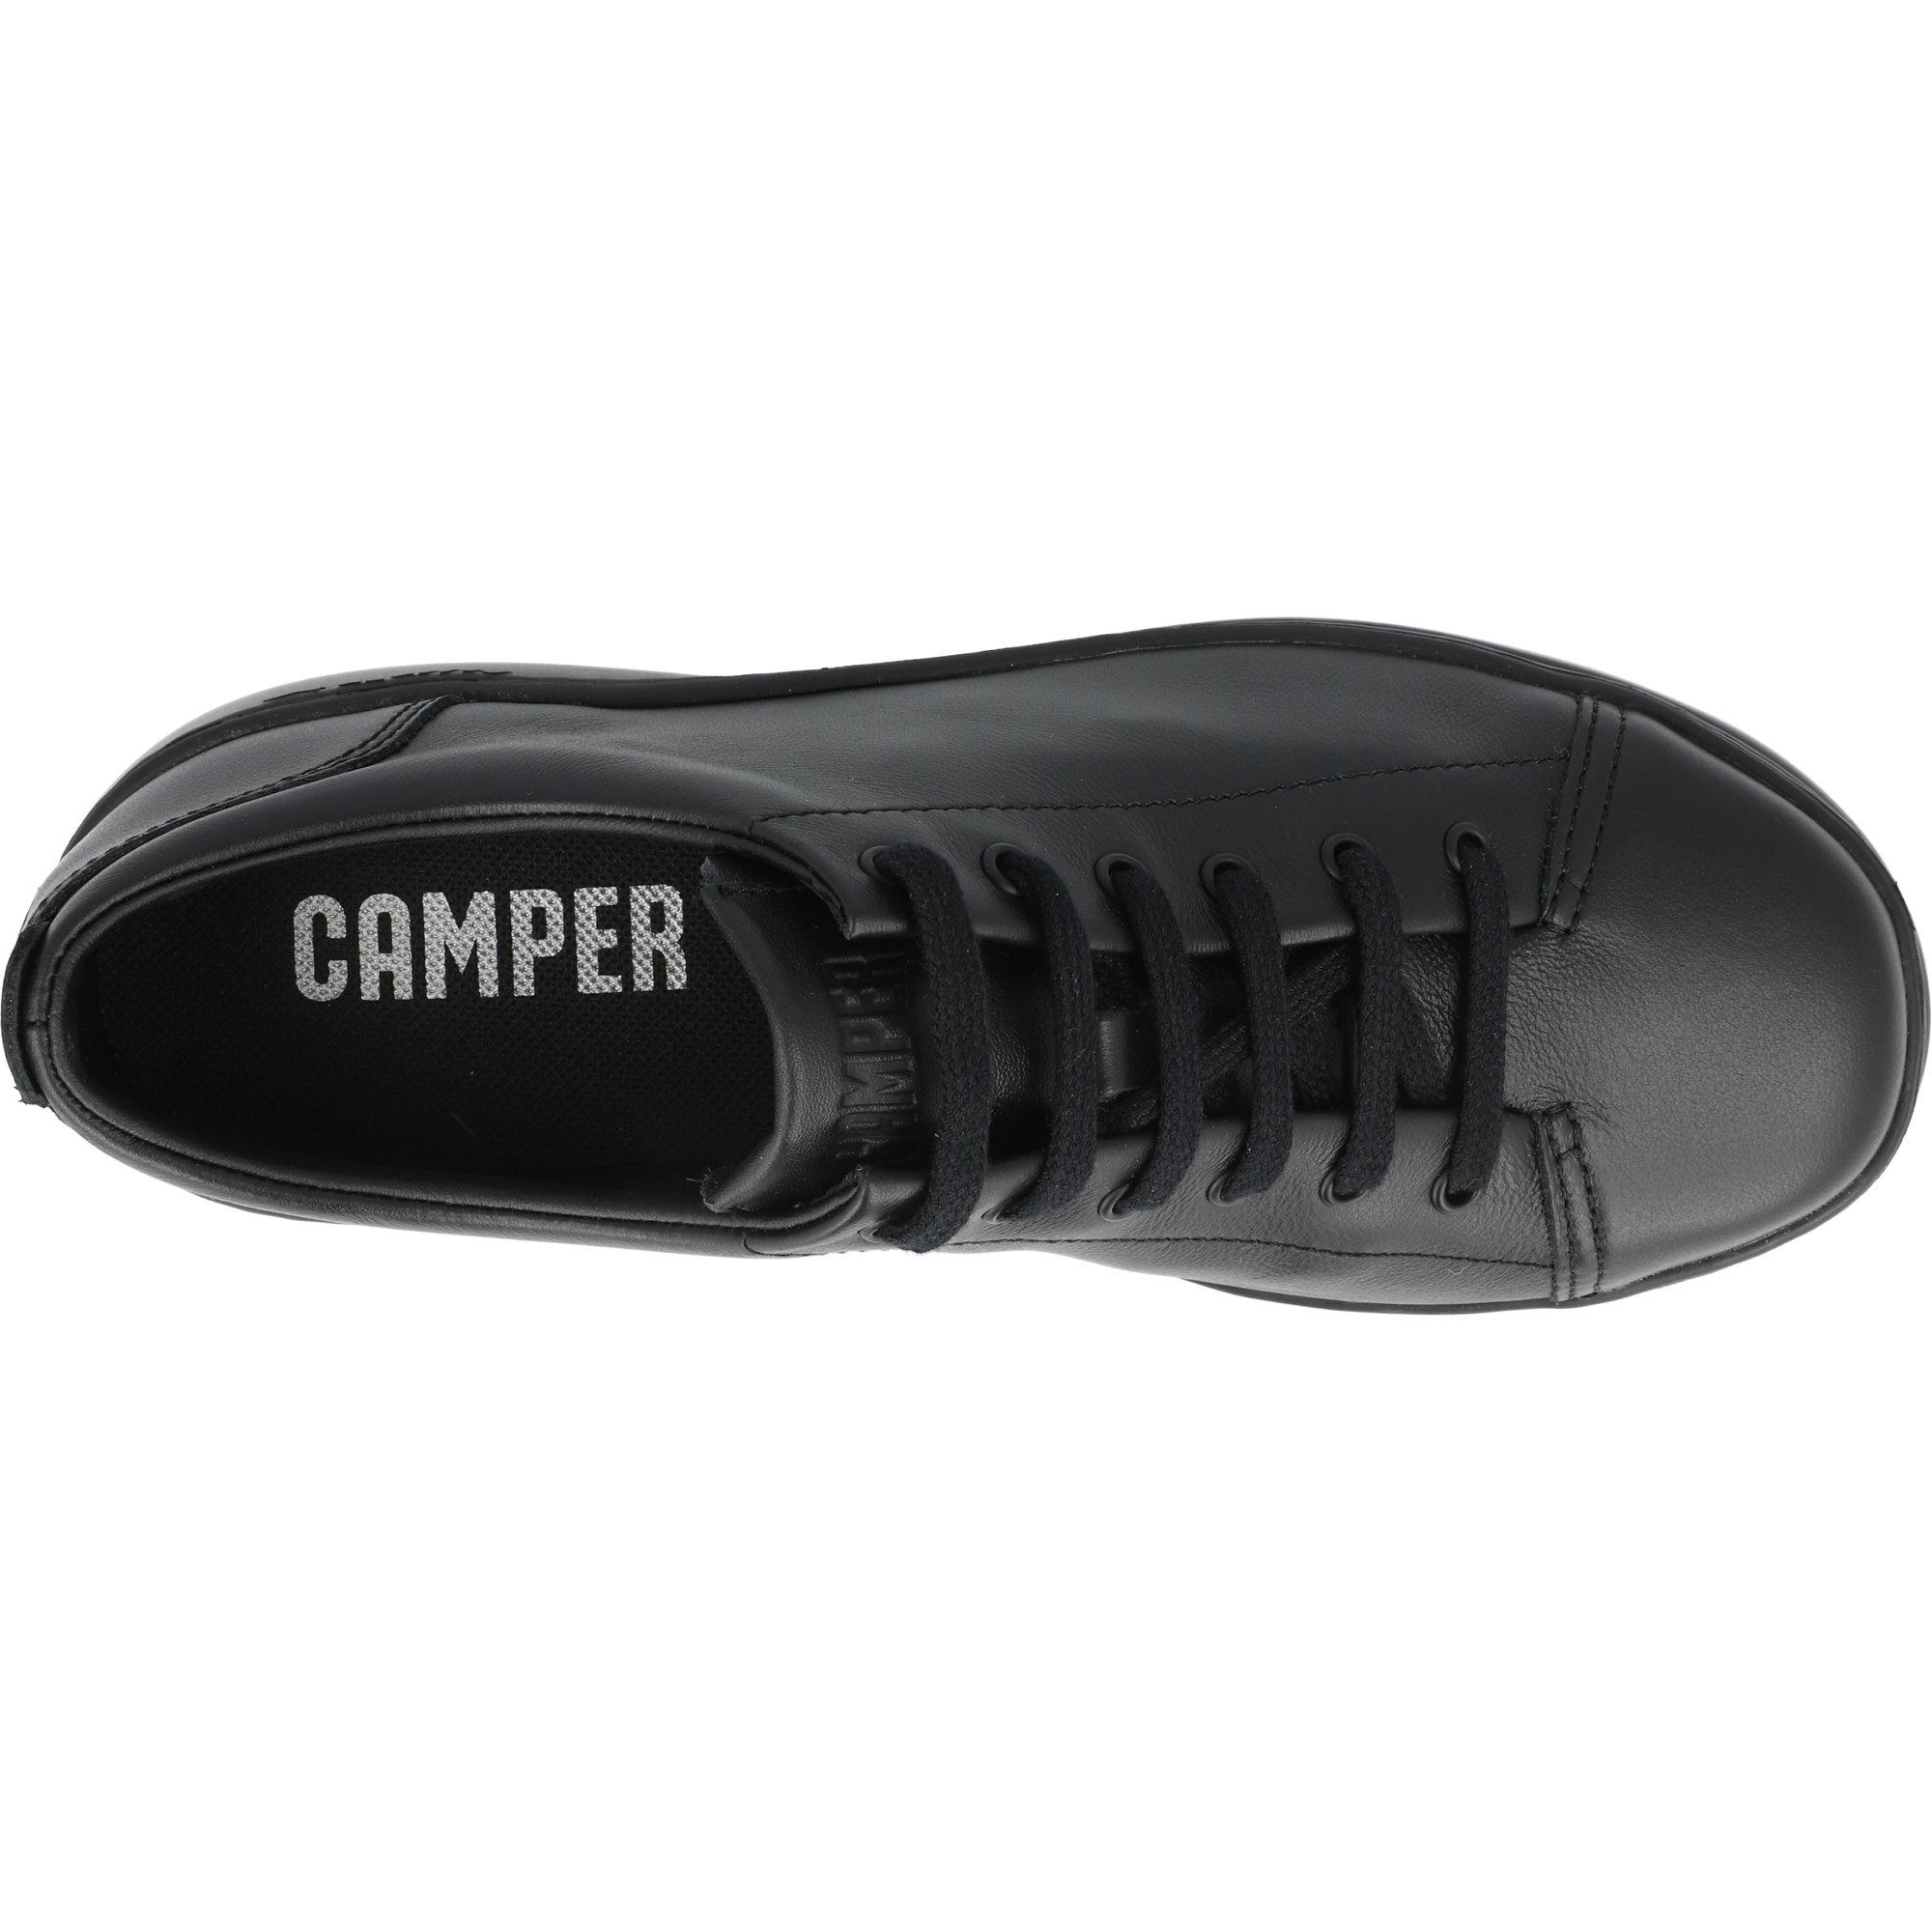 Camper Runner Up Black Leather